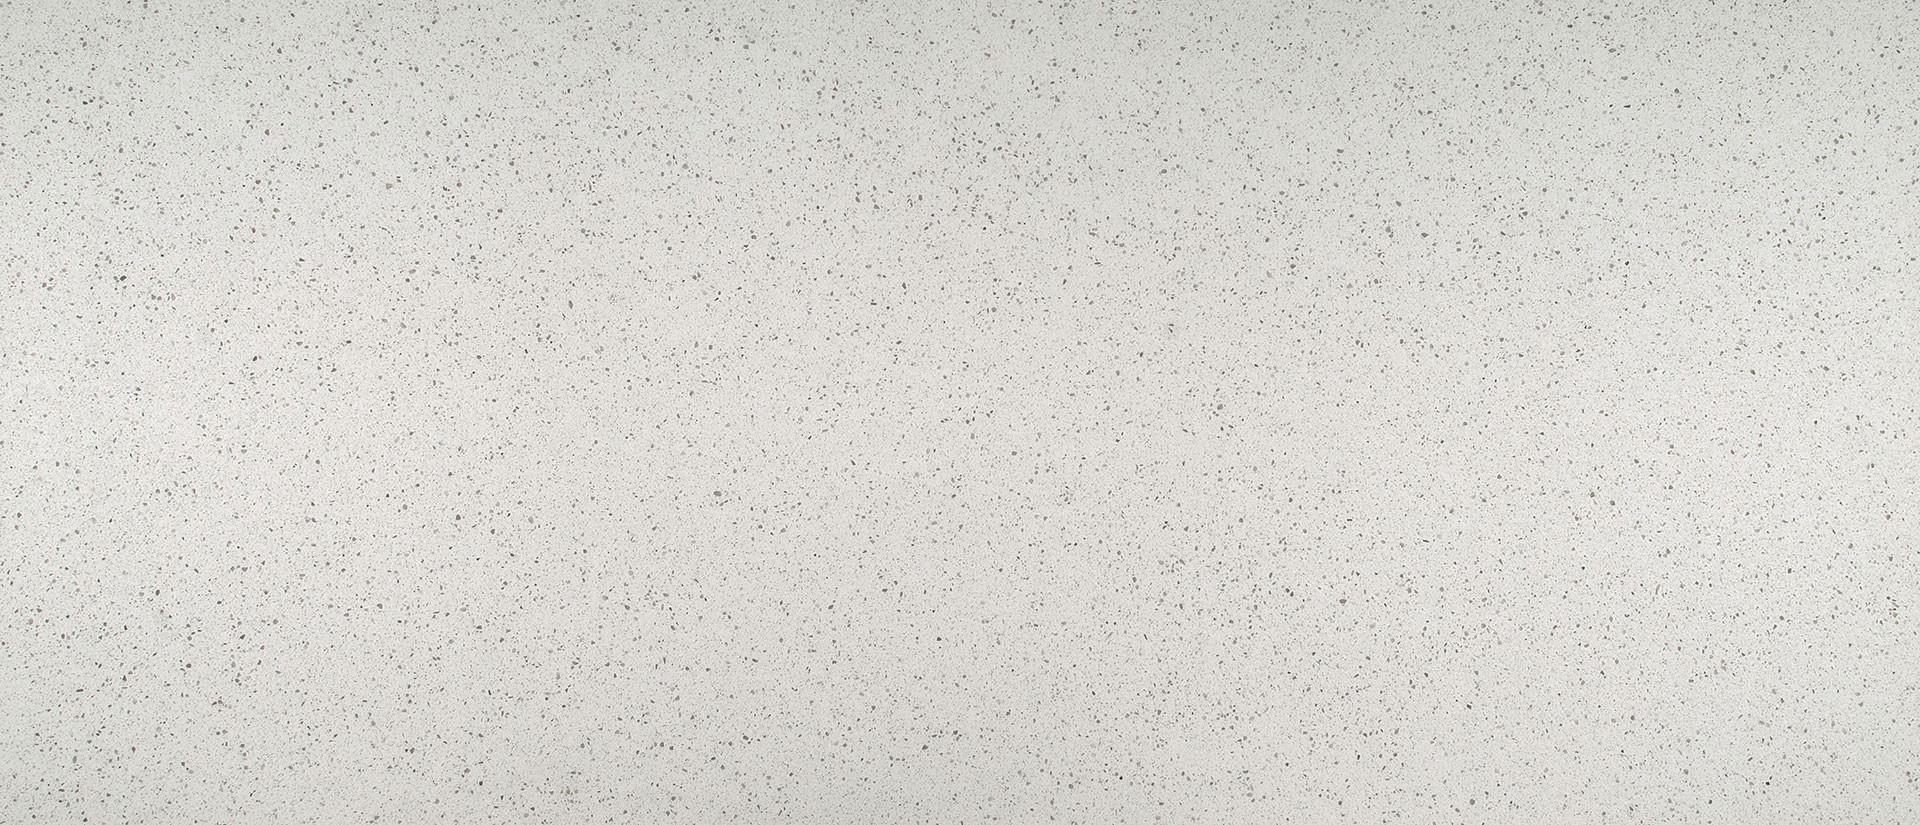 3cm Iced White